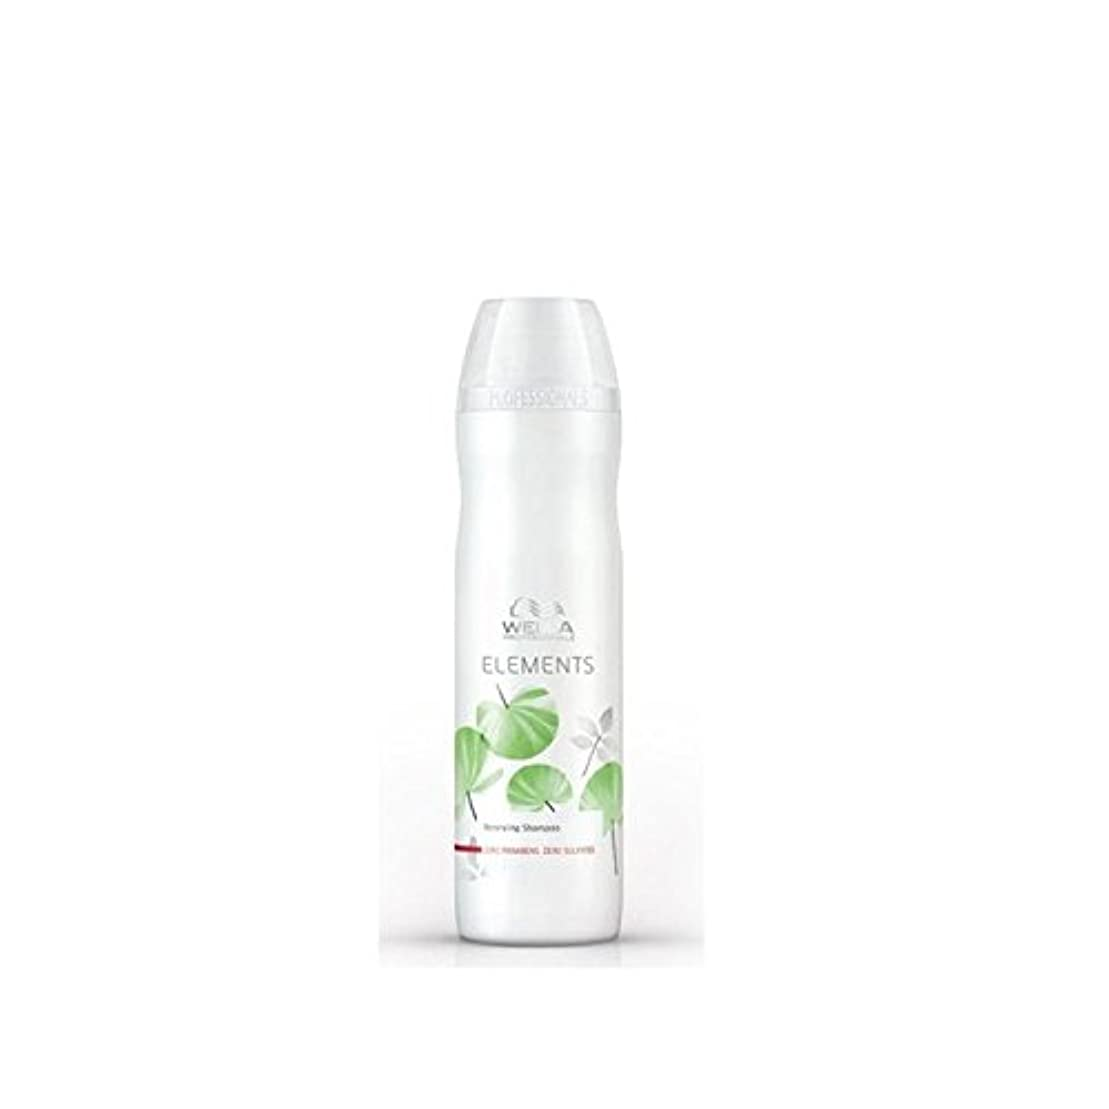 小石新鮮な羨望Wella Professionals Elements Renew Shampoo (250ml) - シャンプーを更新ウエラ専門家の要素(250ミリリットル) [並行輸入品]